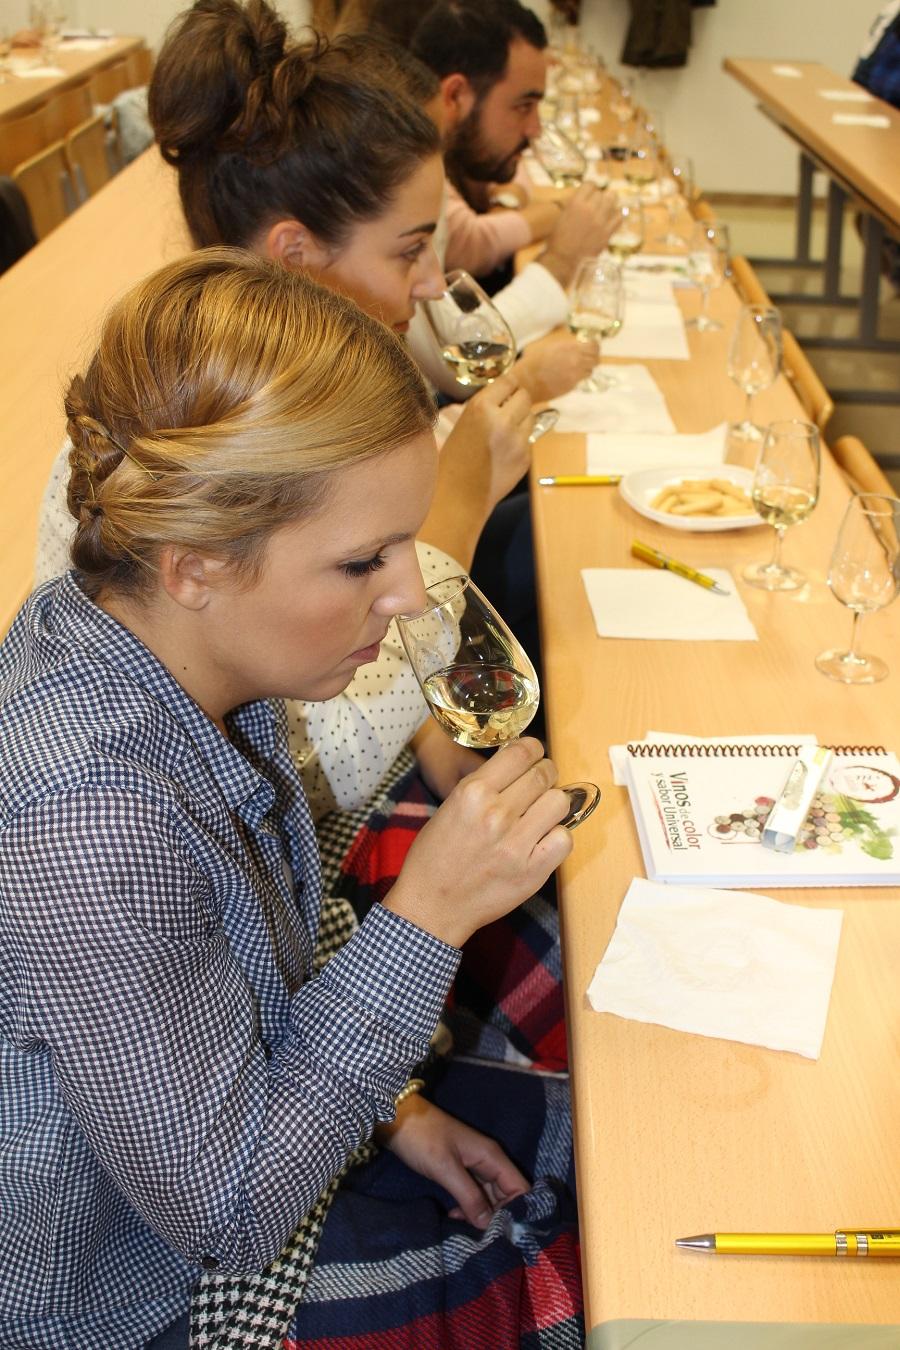 Catas didácticas y amenas resultan claves para acercar el vino a los jóvenes